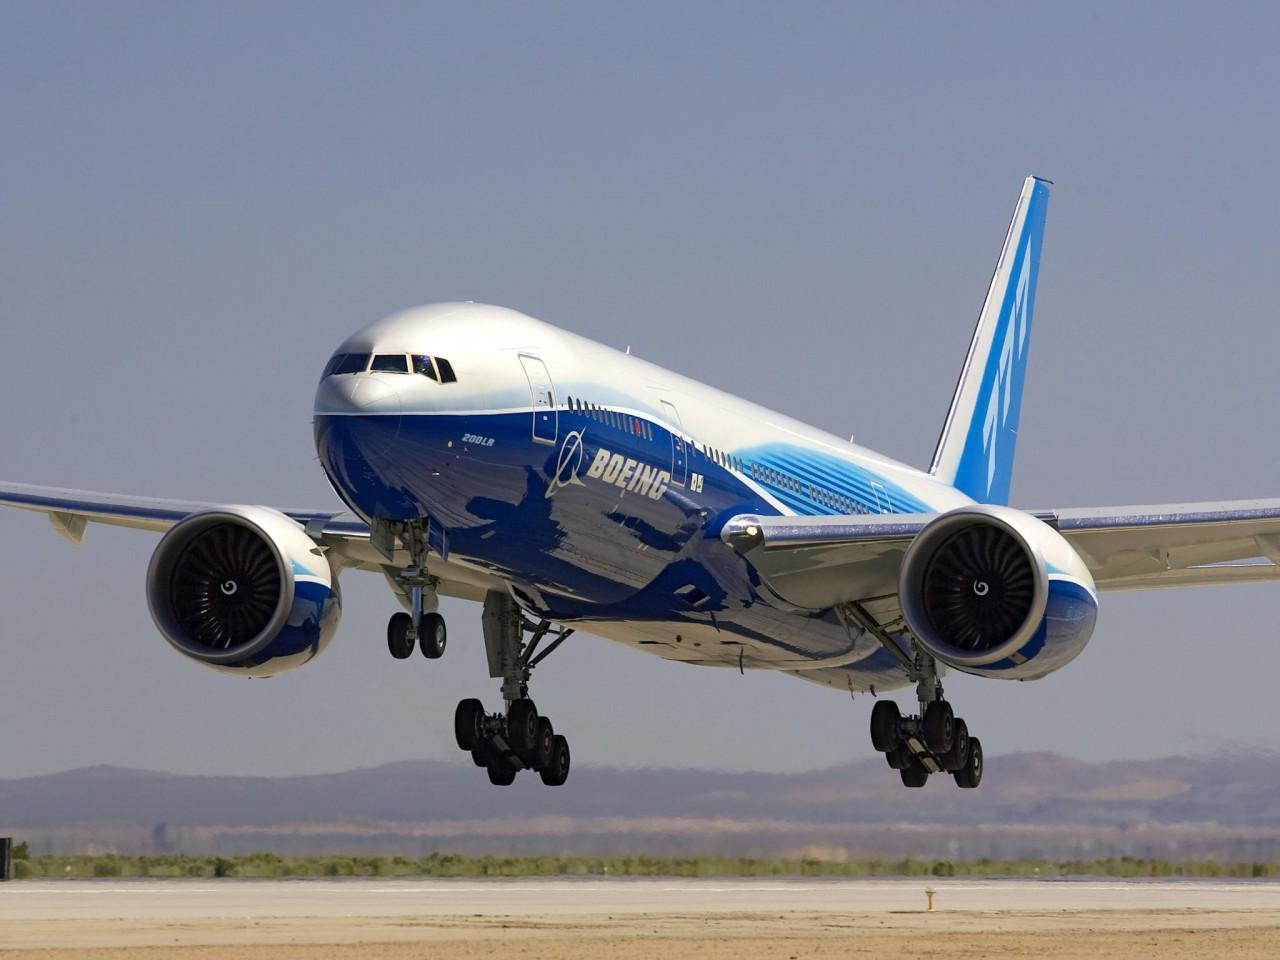 Программа Boeing 777 преодолела рубеж в 2 000 заказов, укрепив статус самого продаваемого широкофюзеляжного самолета